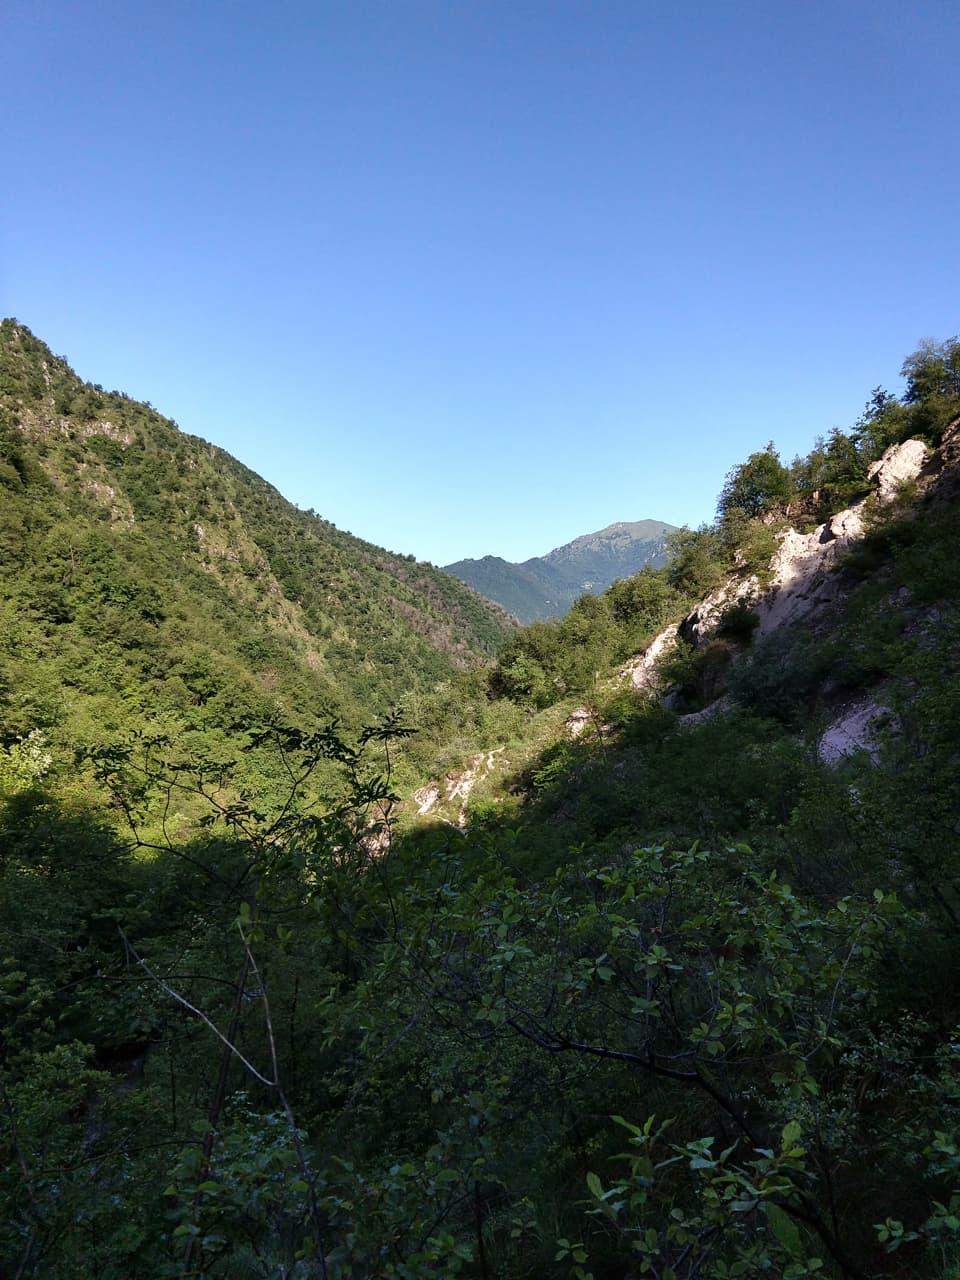 La vallata è molto stretta ma nel complesso piacevole da percorrere e rilassante